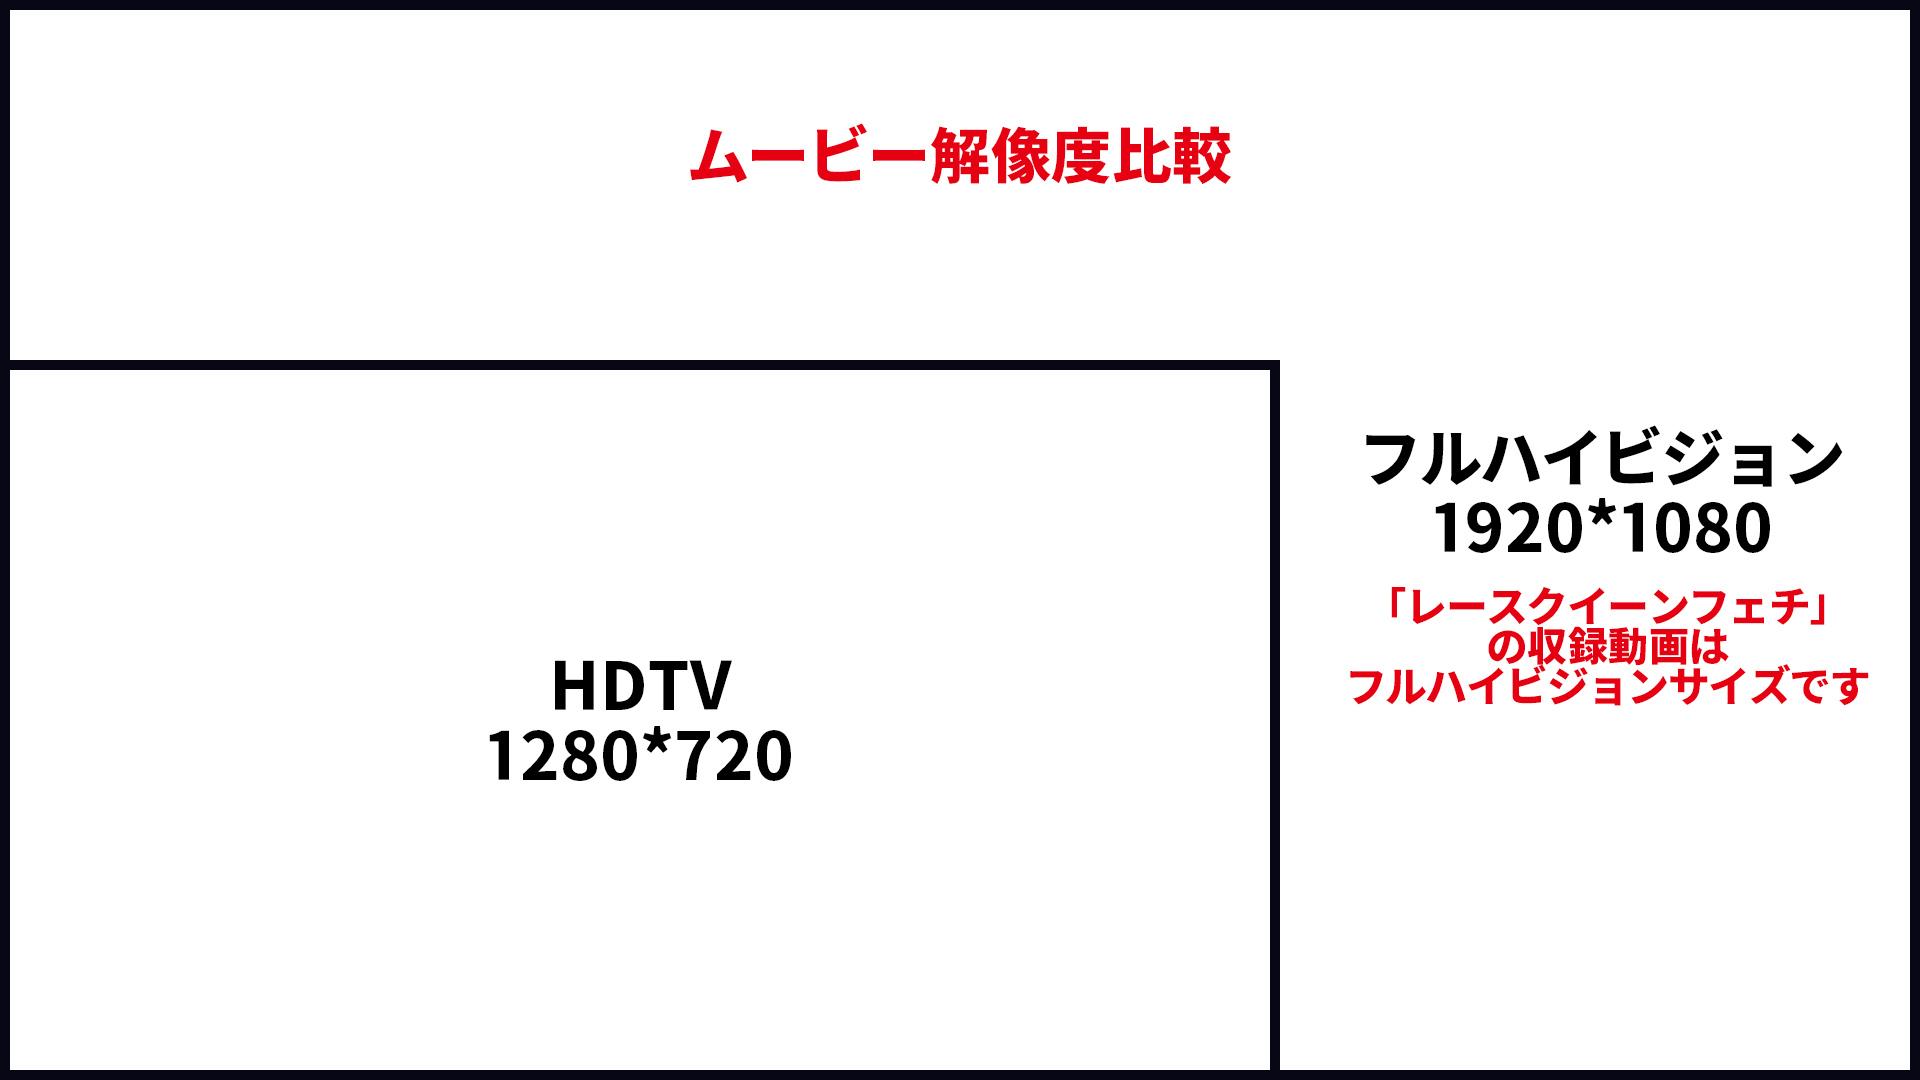 【HD】レースクイーンフェチ#031 ムービー版【4】 サンプル画像05